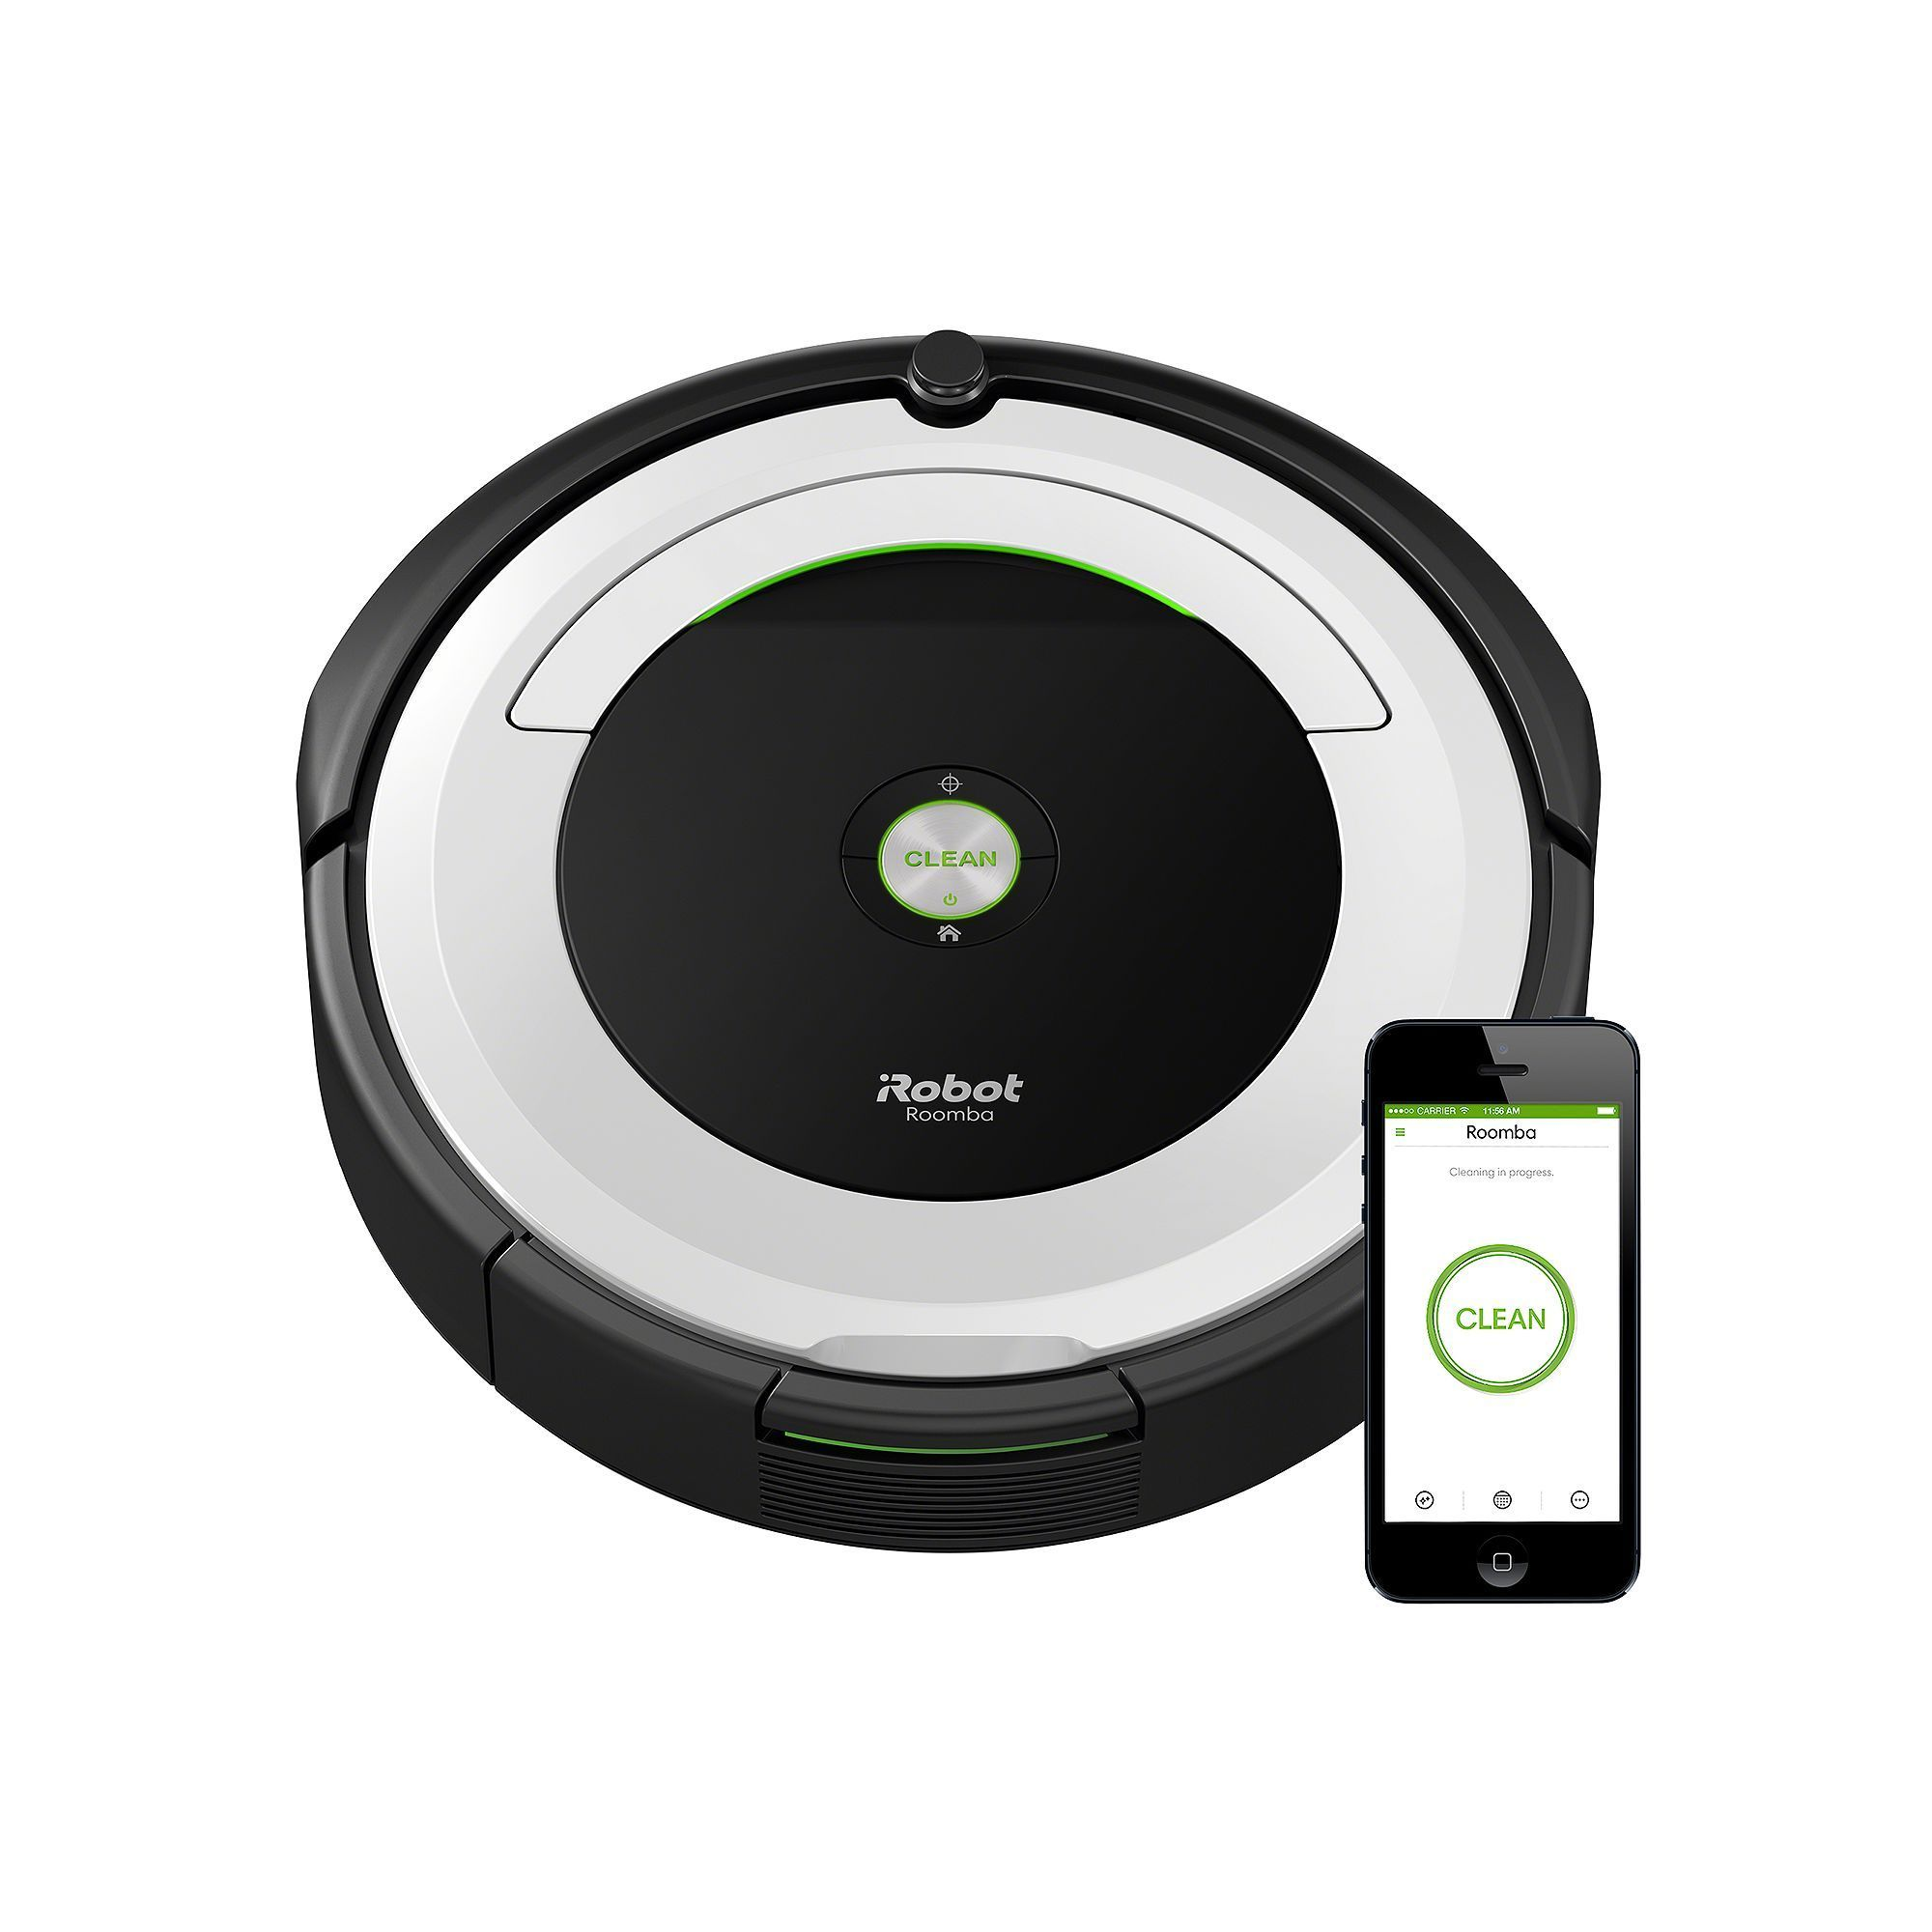 iRobot Roomba 695 WiFi Connected Robotic Vacuum Best vacuum